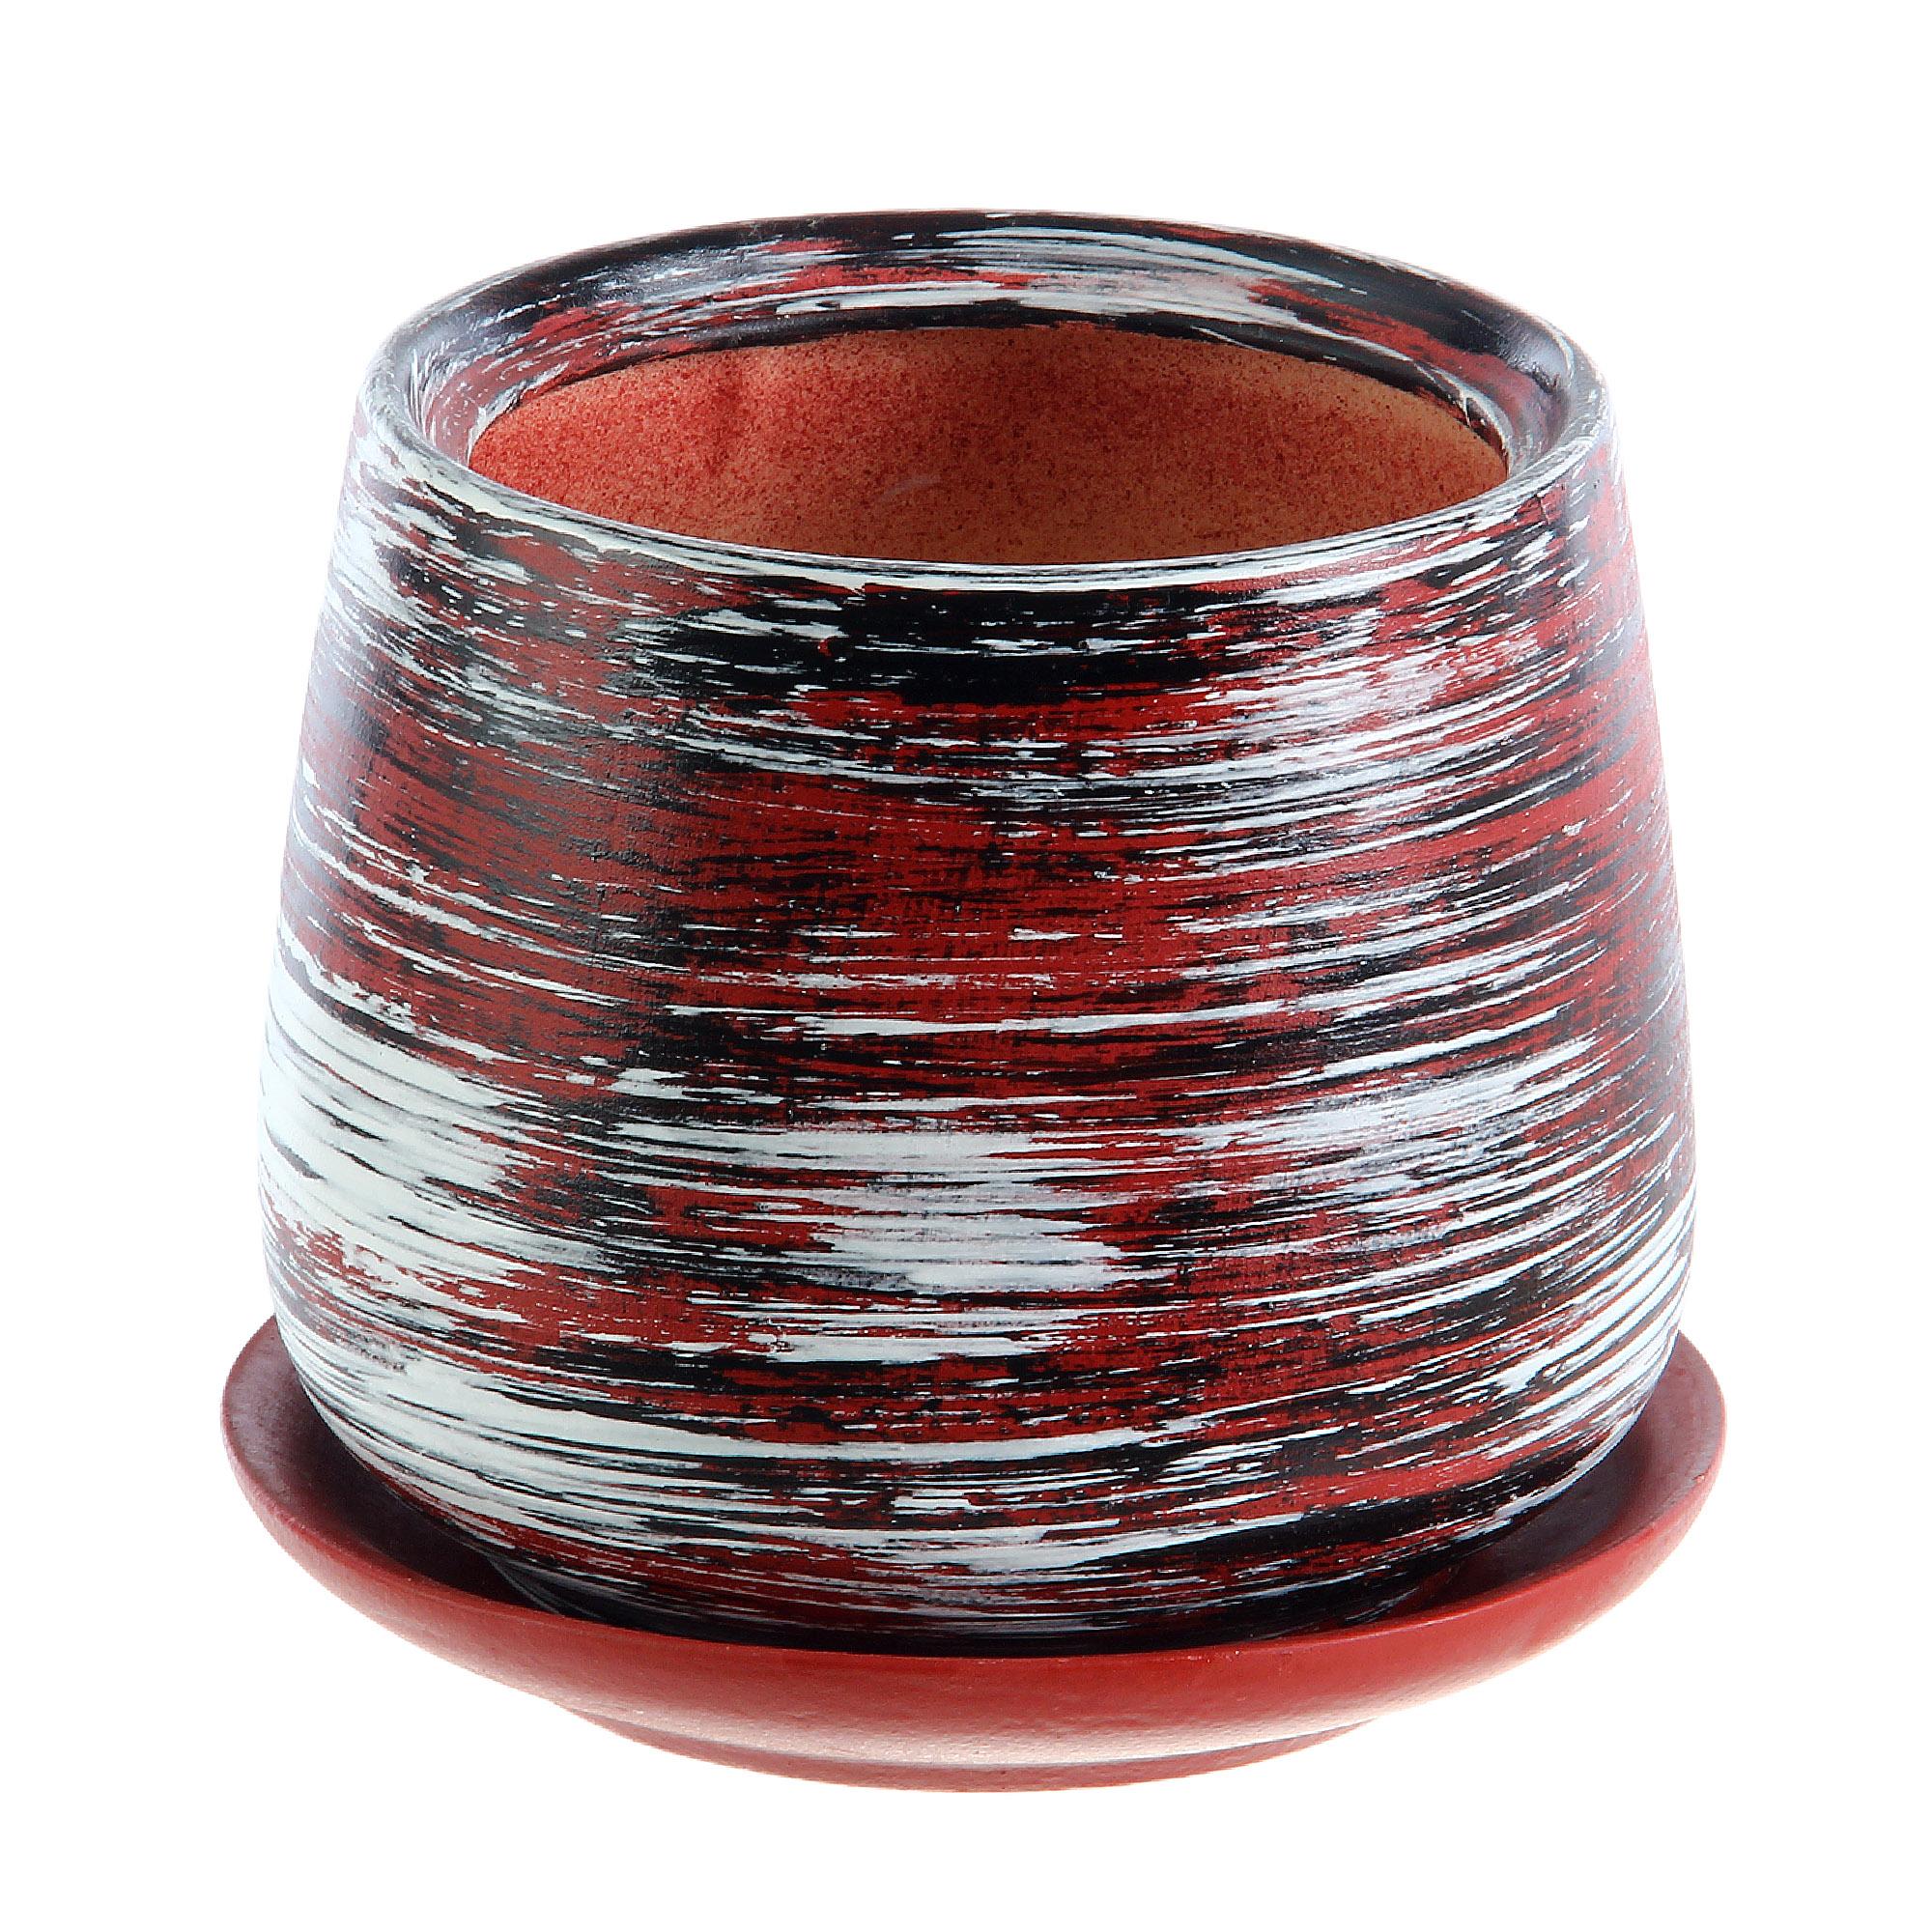 Горшки для цветов Гончар декоративные скарлет №3 (коричневый полоска)